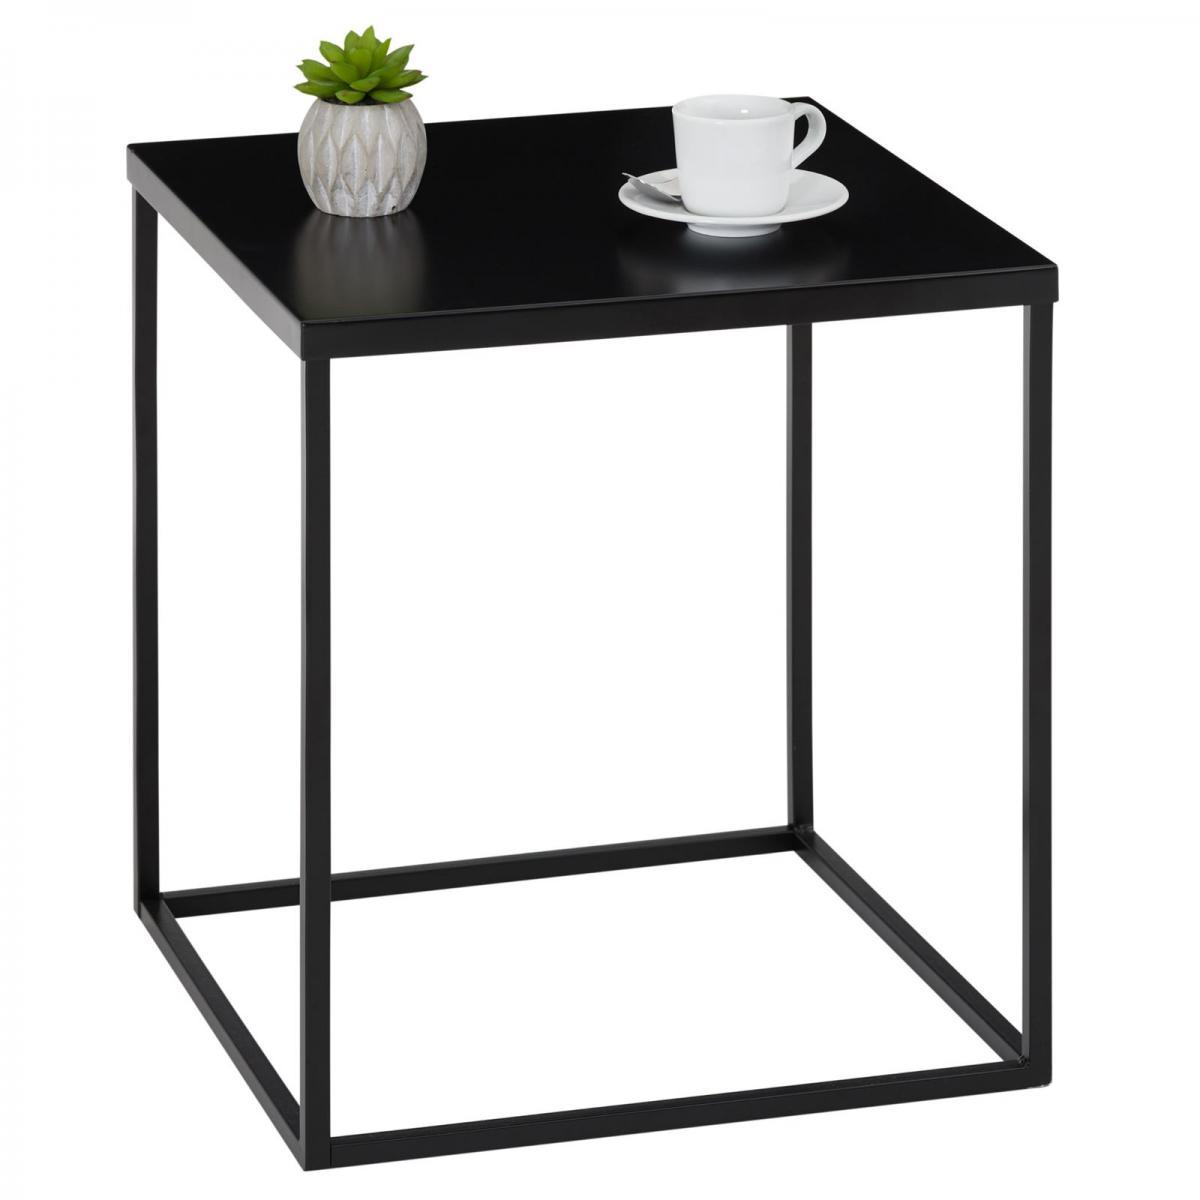 Idimex Table d'appoint carré HILAR, cadre et plateau en métal laqué noir